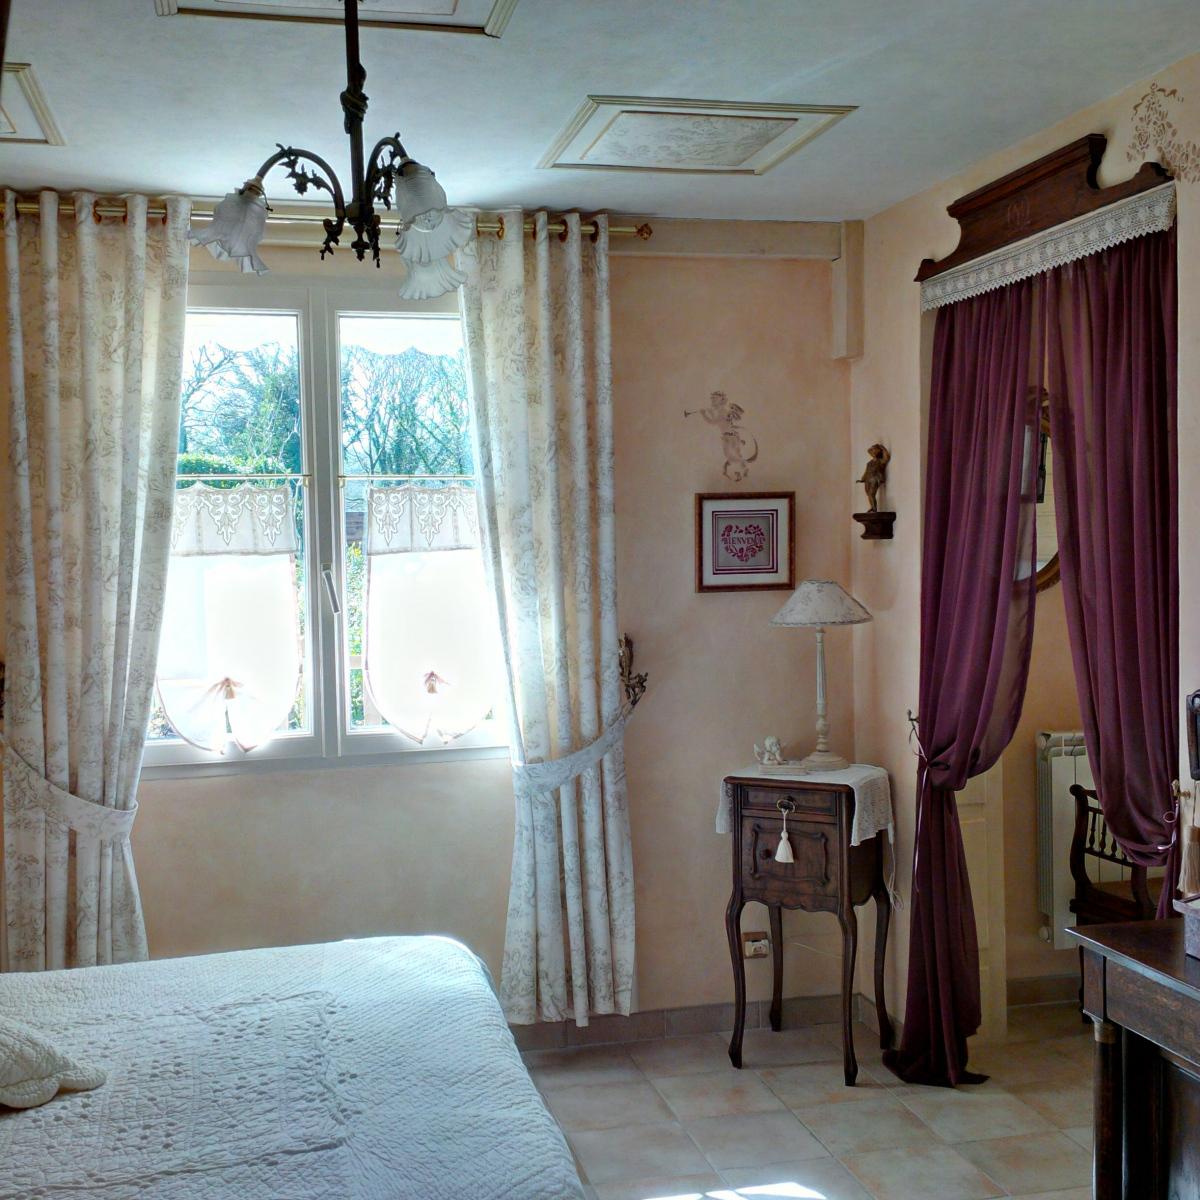 Demeure-de-la-Vendemiere-Suite-n°1-decor-1-cote-chambre-mars-2016